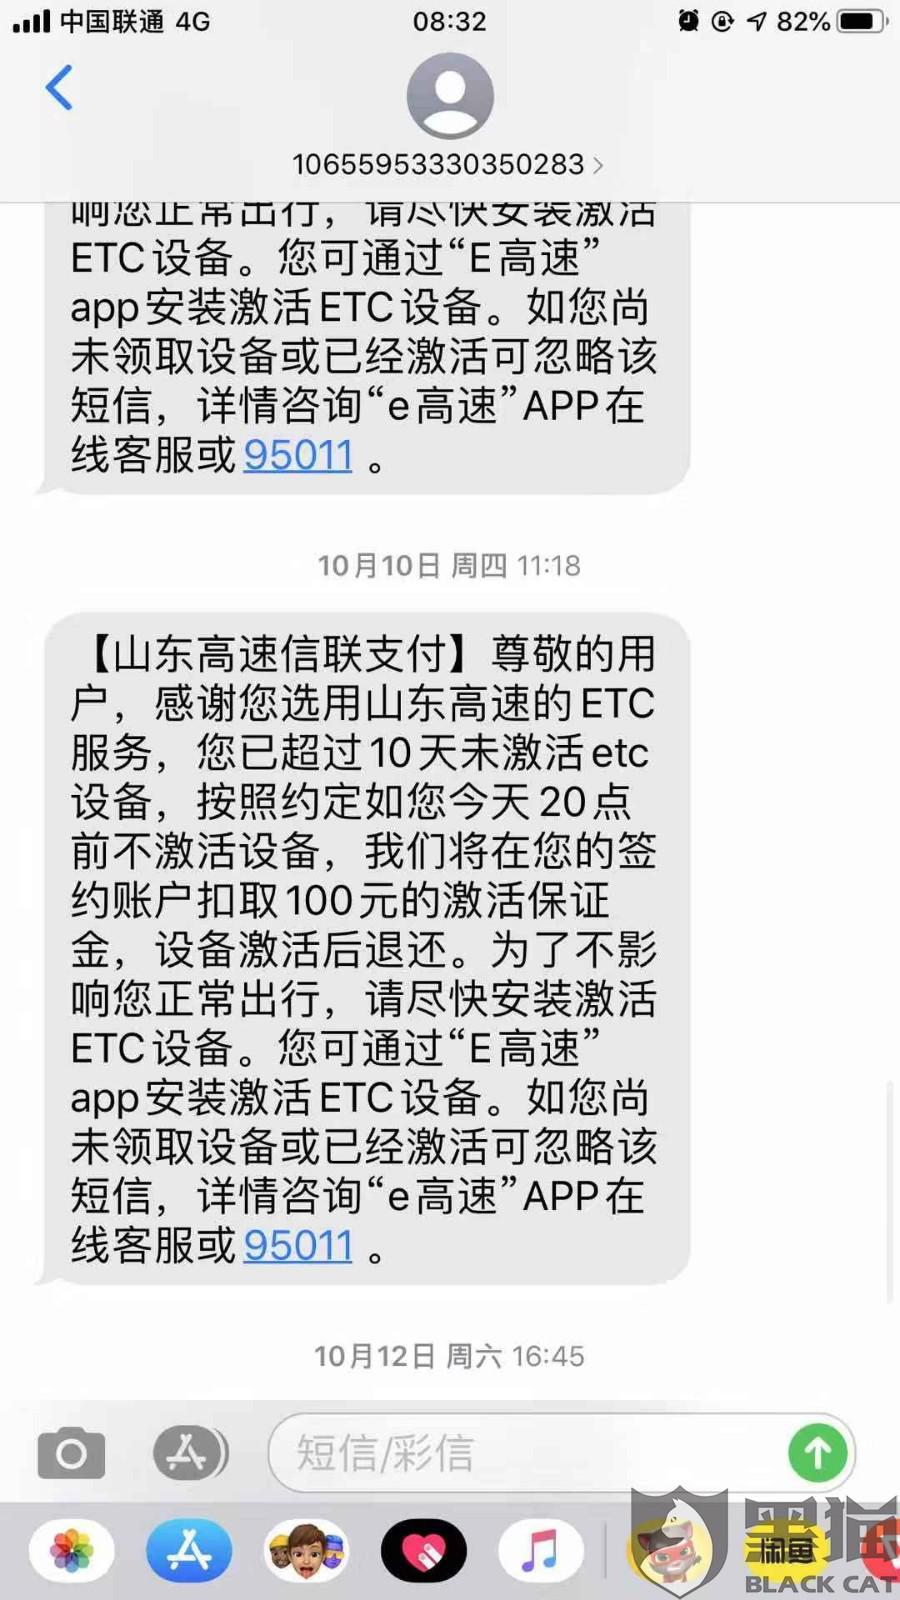 黑猫投诉:山东高速信联支付违规扣款100元